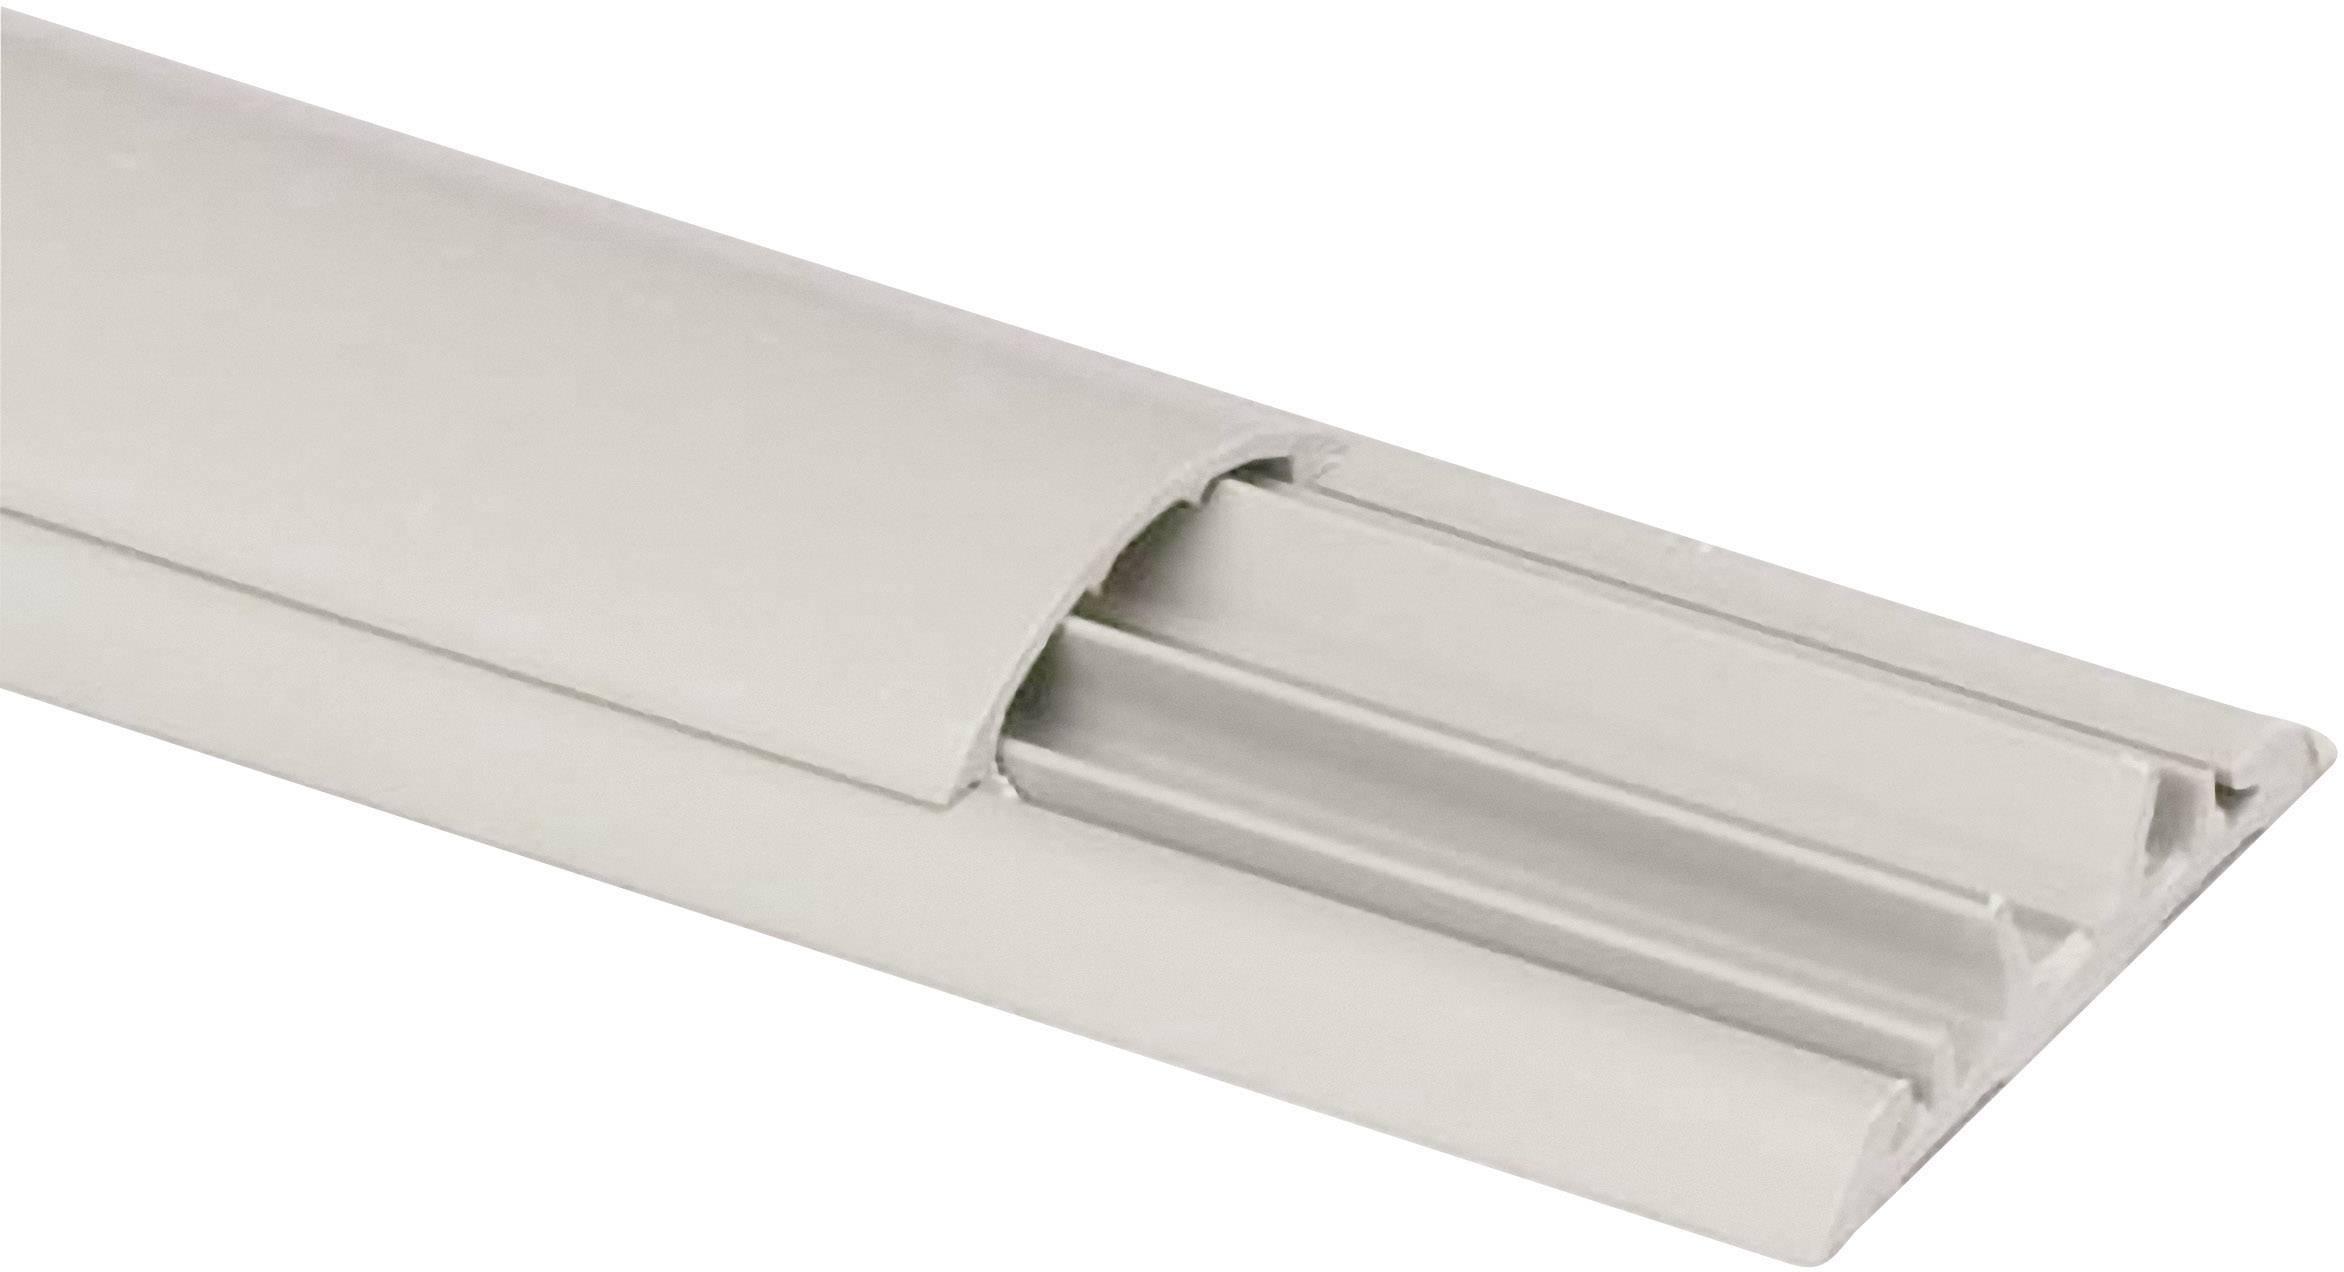 Podlahová káblová lišta Heidemann 09803, 1 ks, sivá